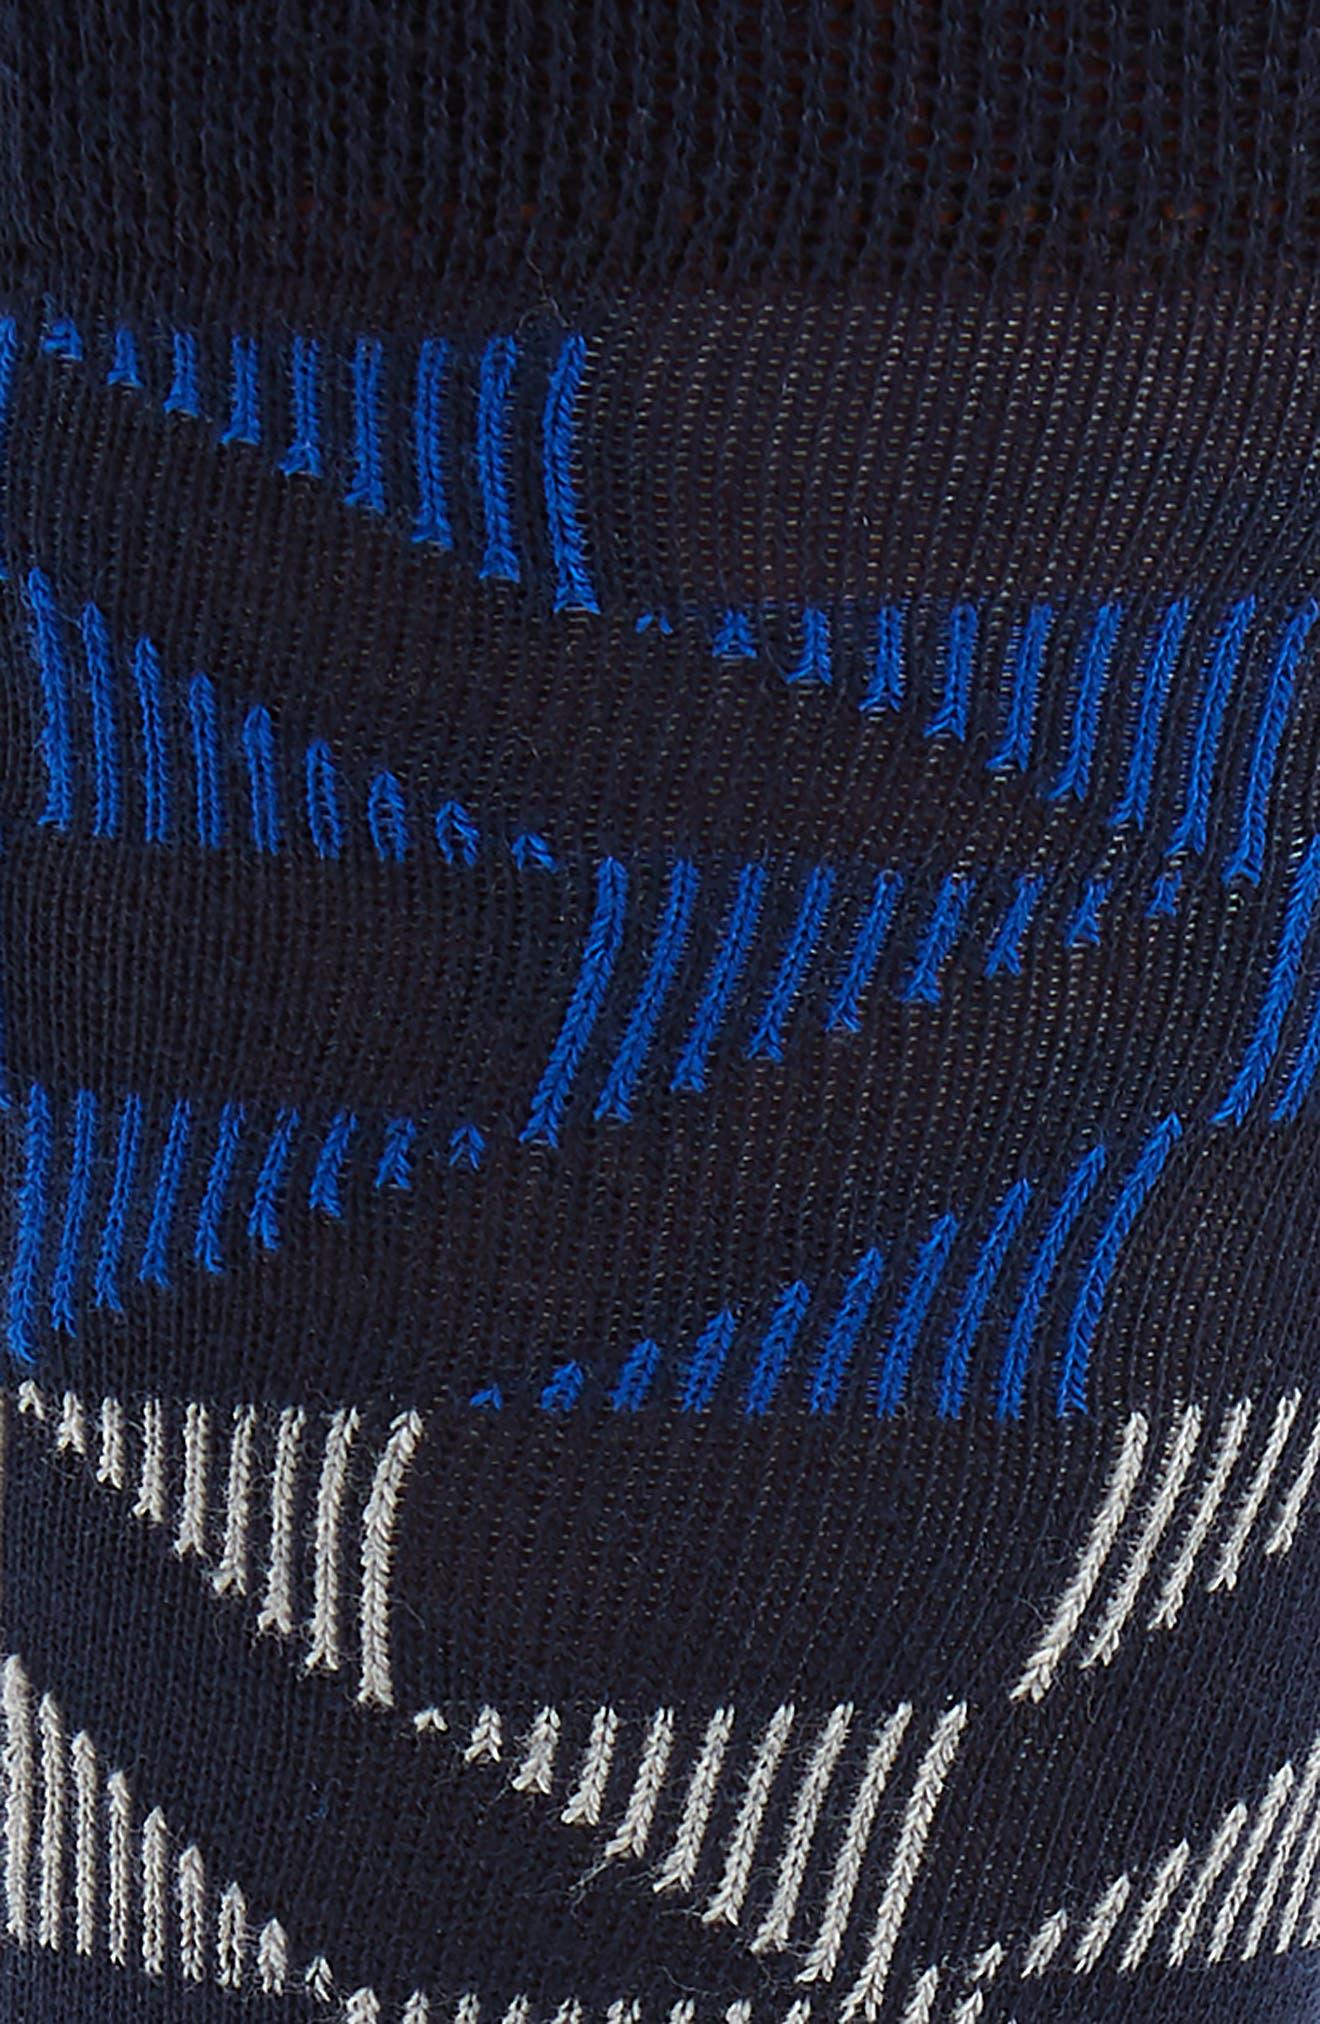 Newhome Geometric Socks,                             Alternate thumbnail 2, color,                             Blue